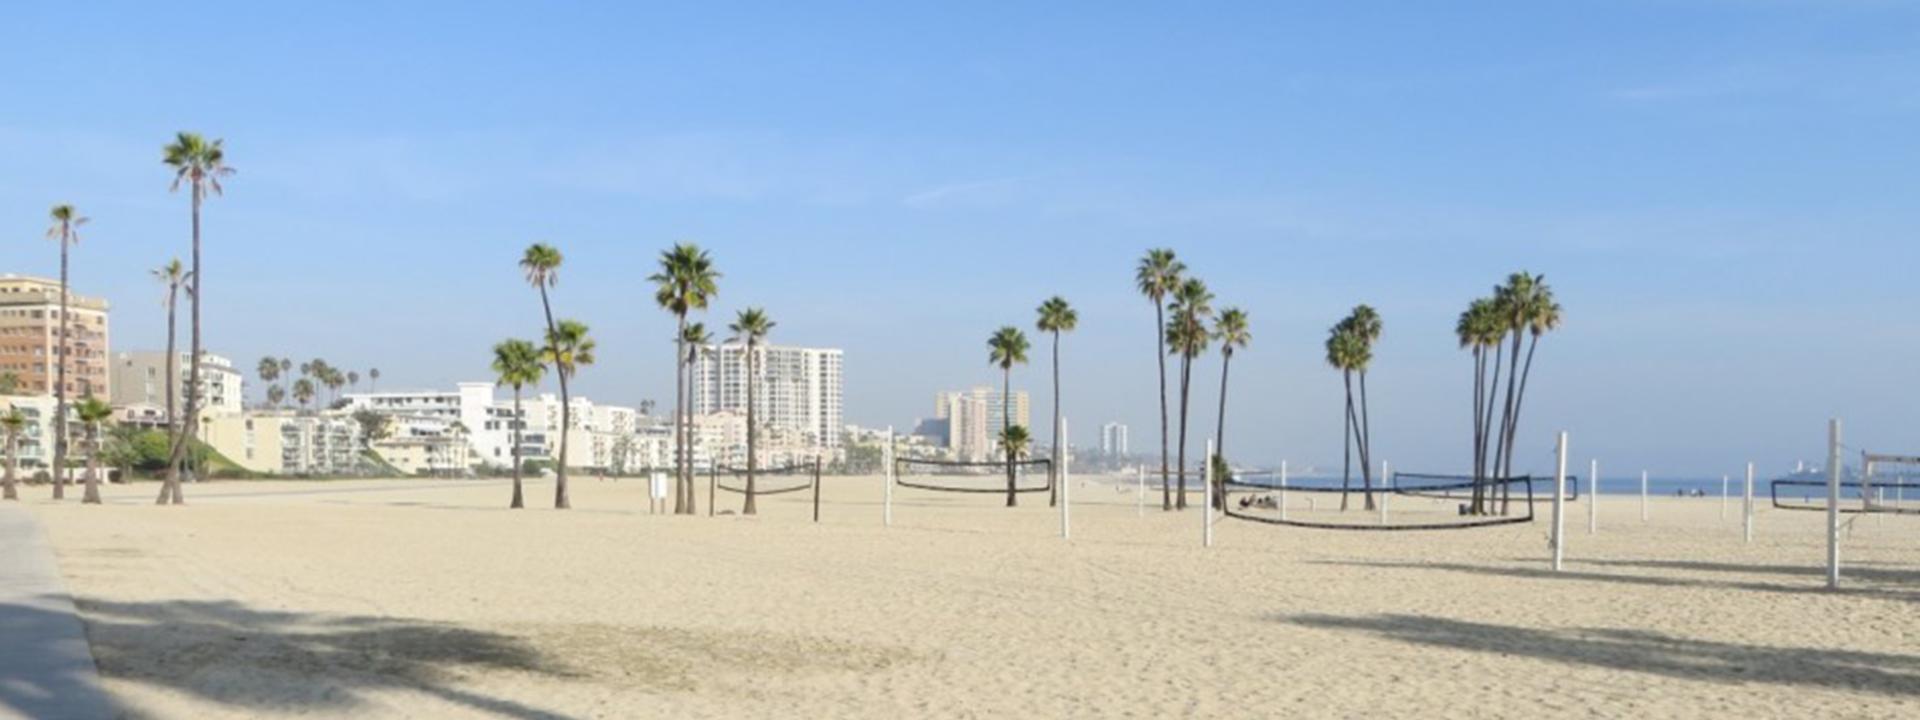 Alamitos Beach, Long Beach